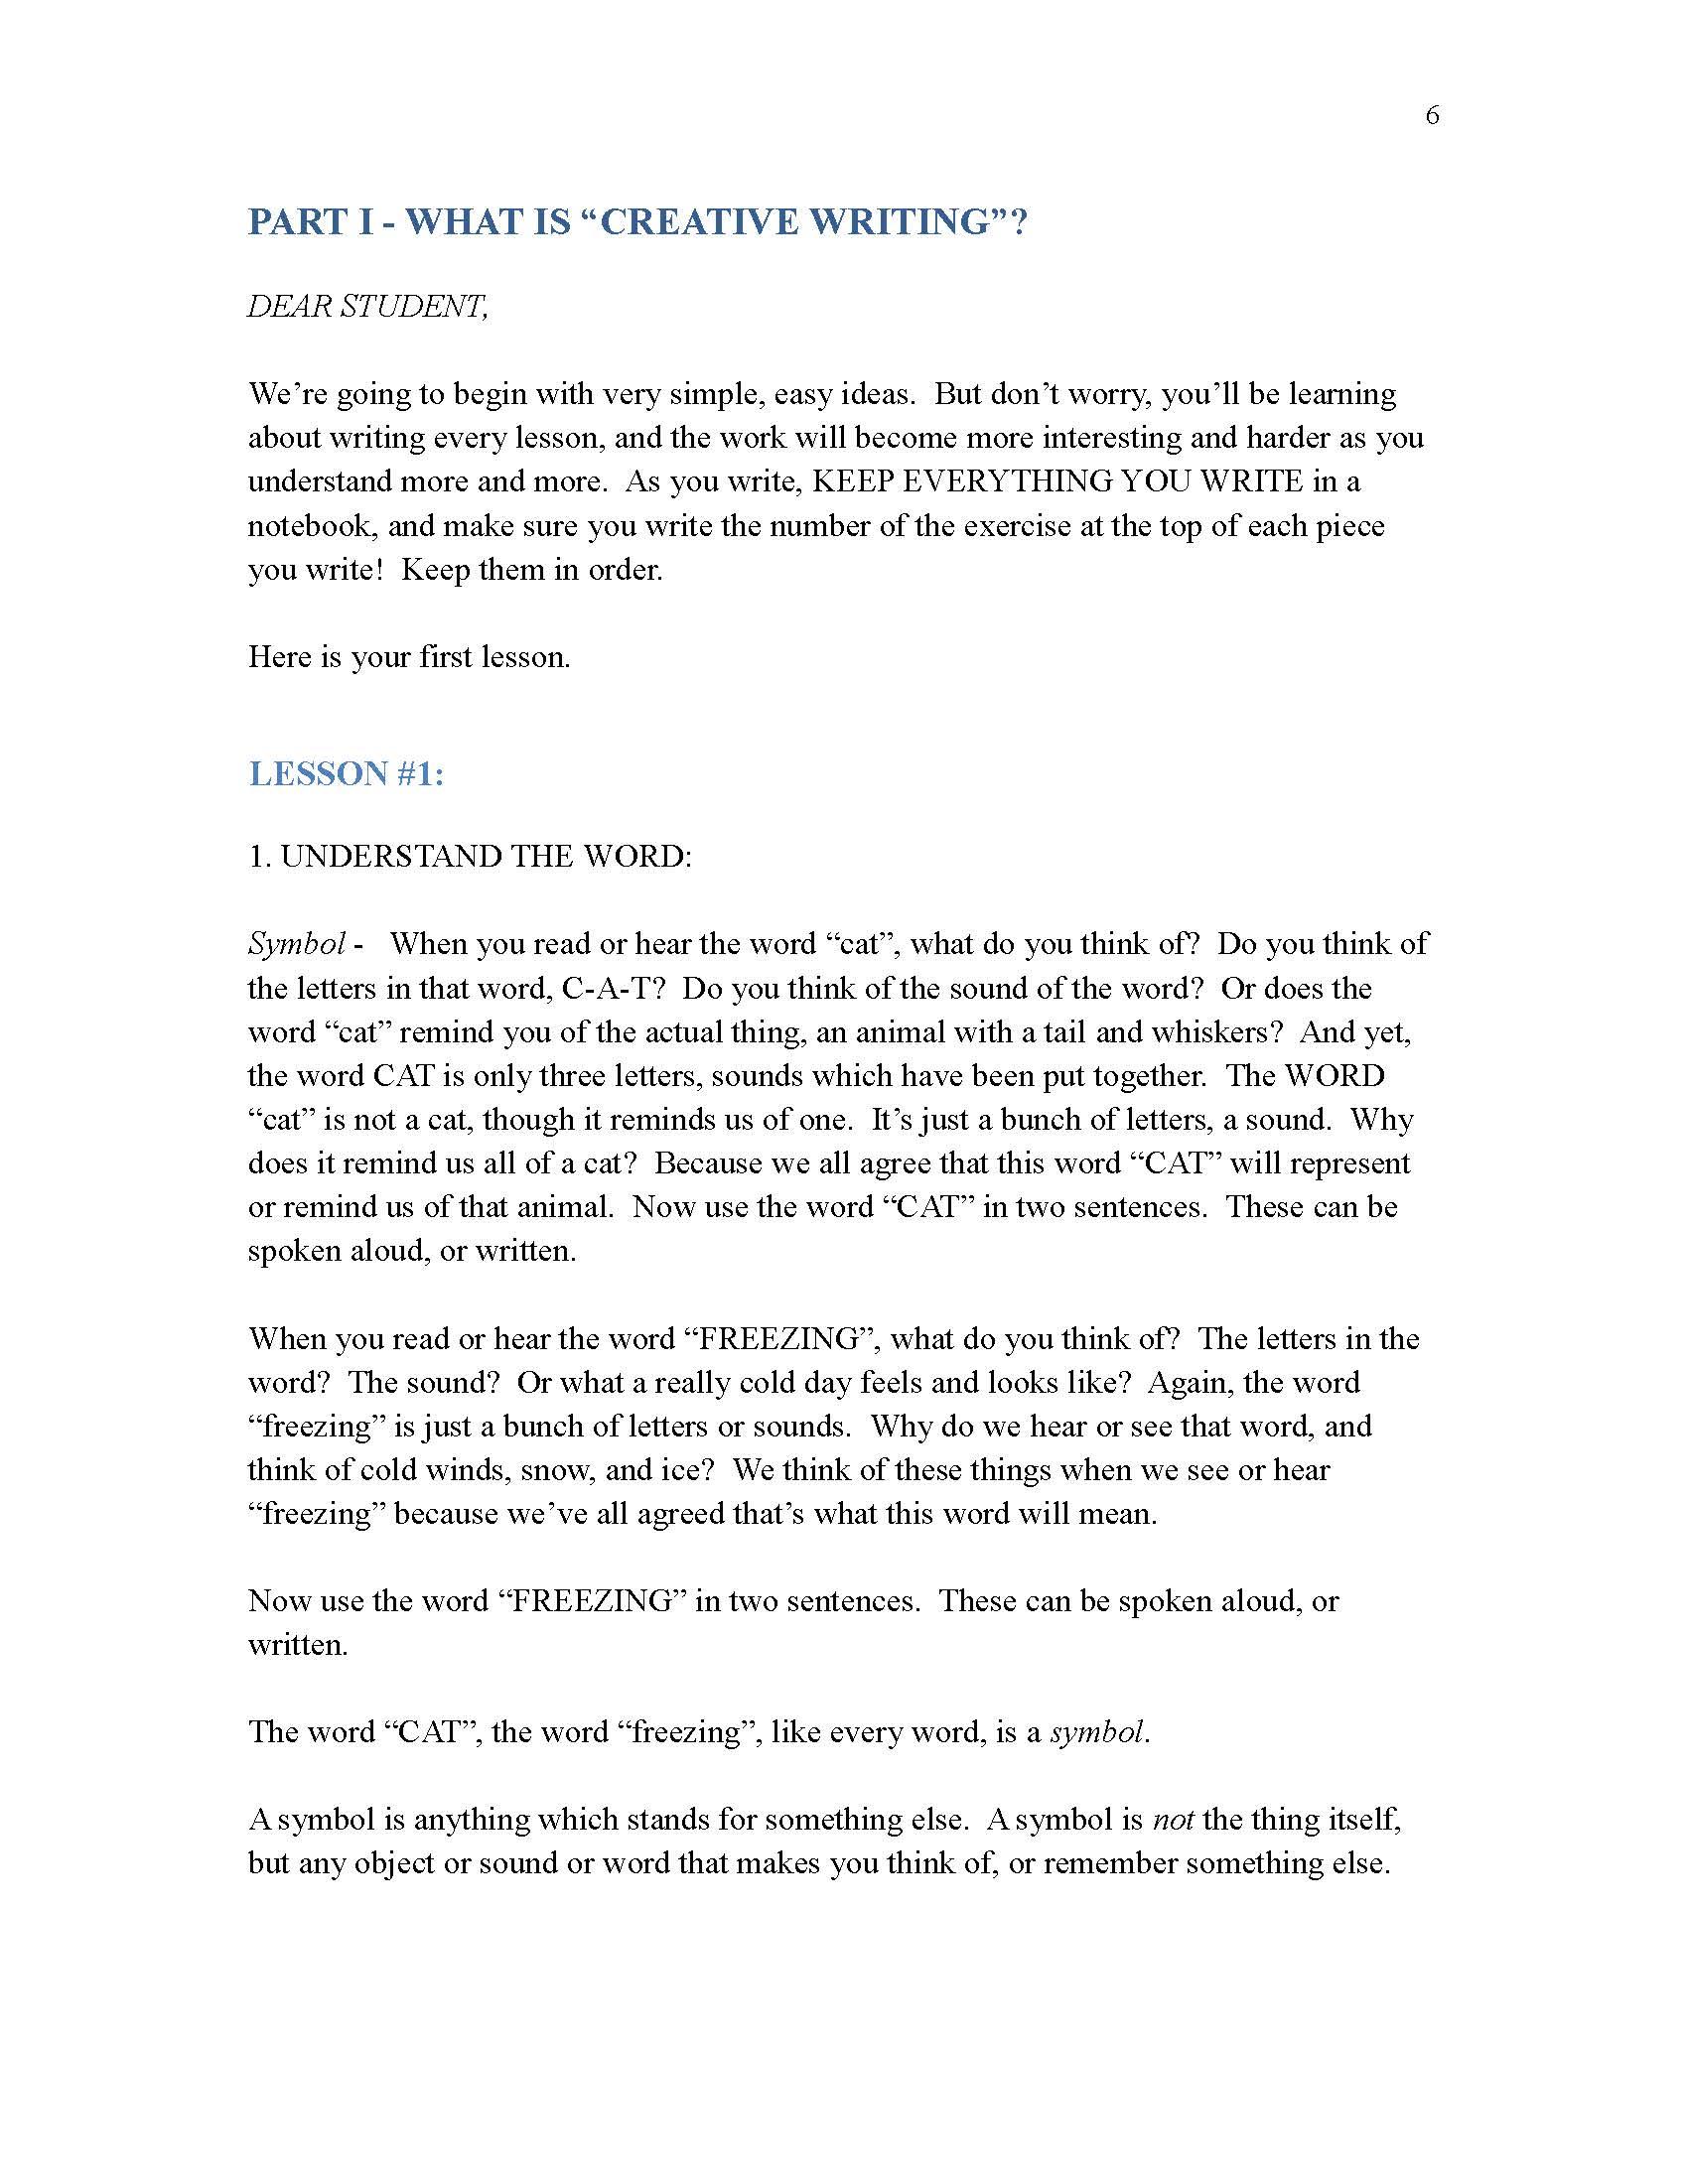 Step 3-4 Creative Writing 1_Page_07.jpg